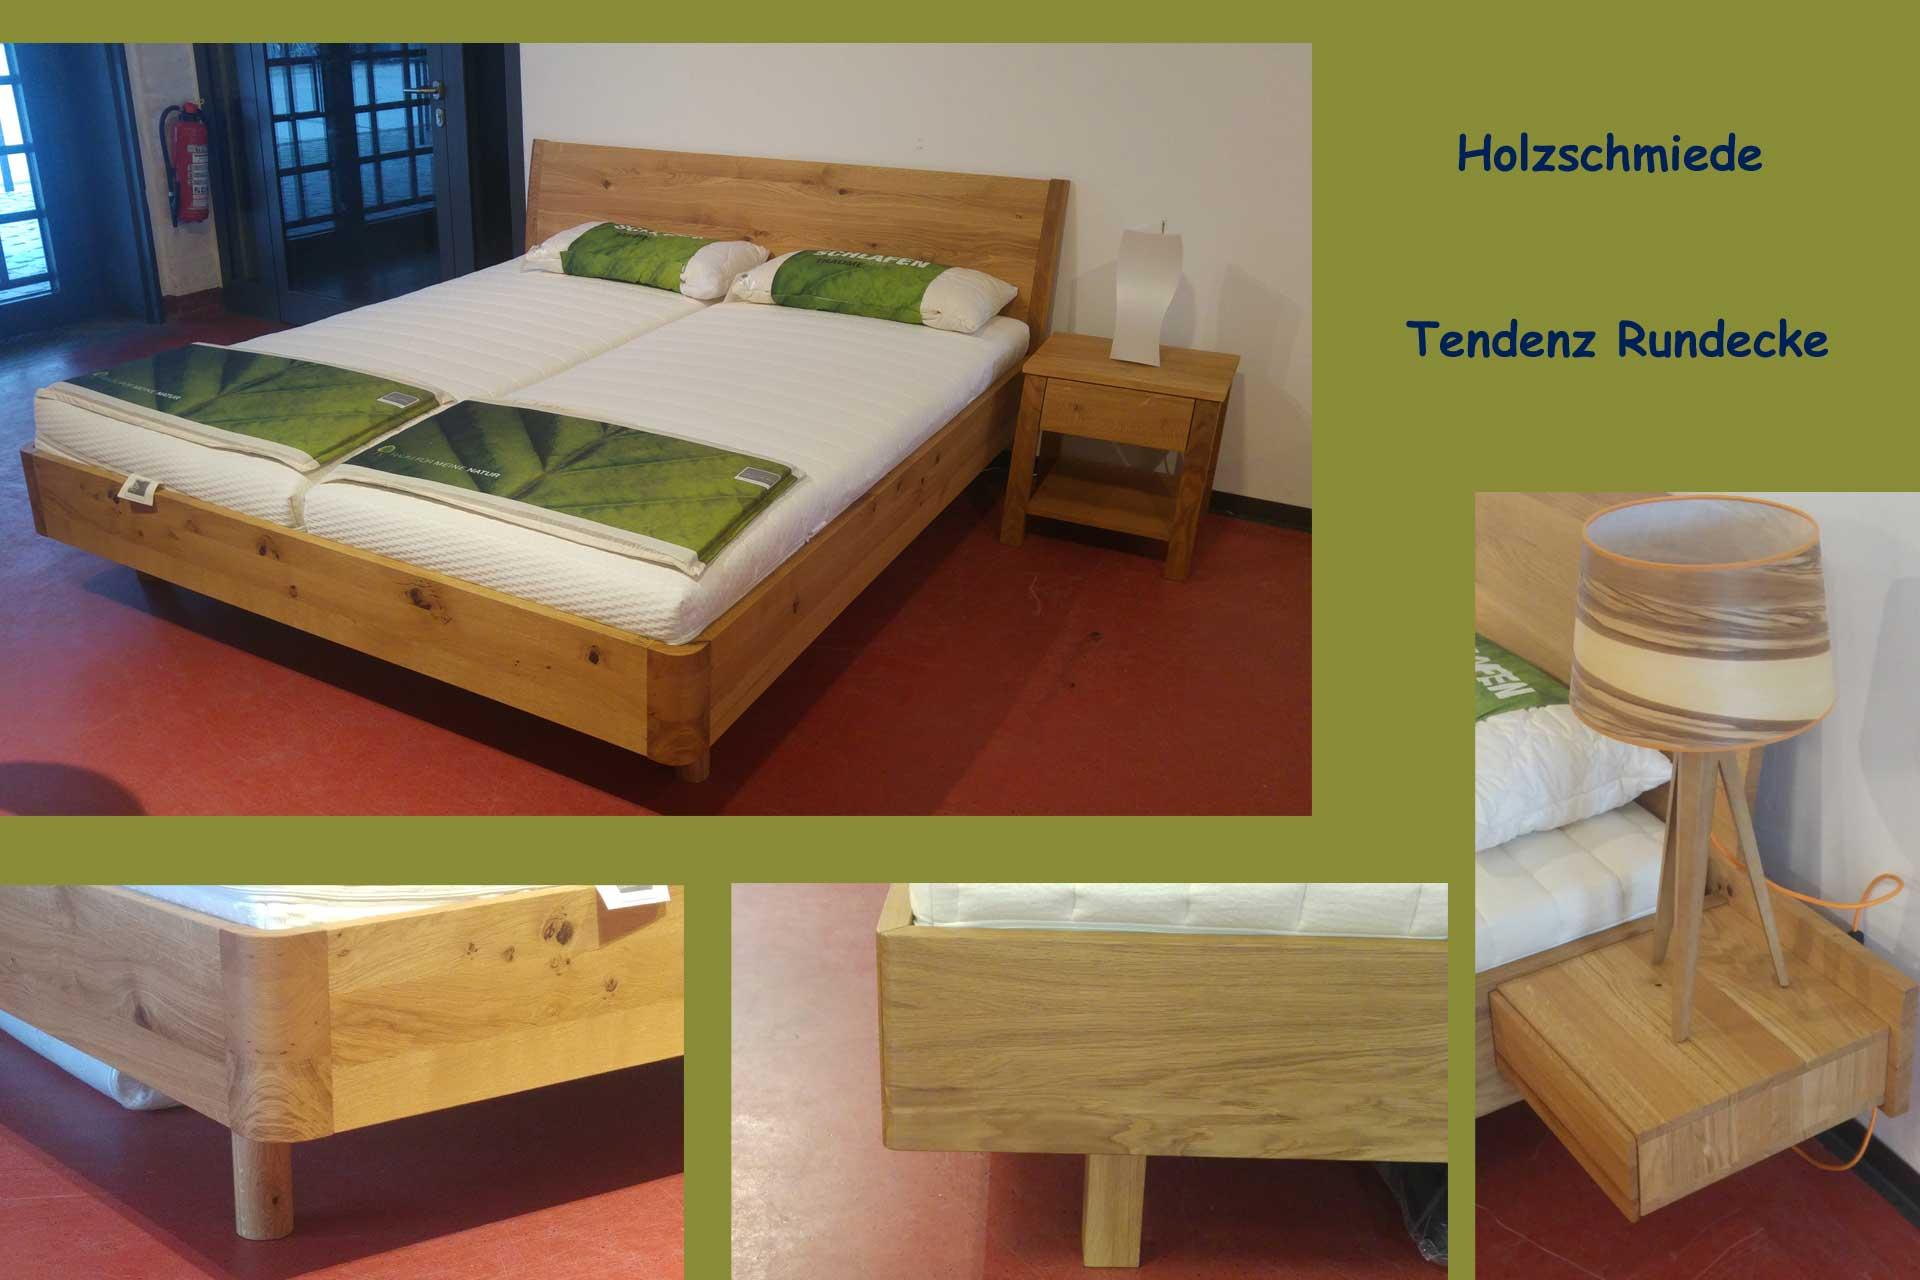 Betten mit Rundecken